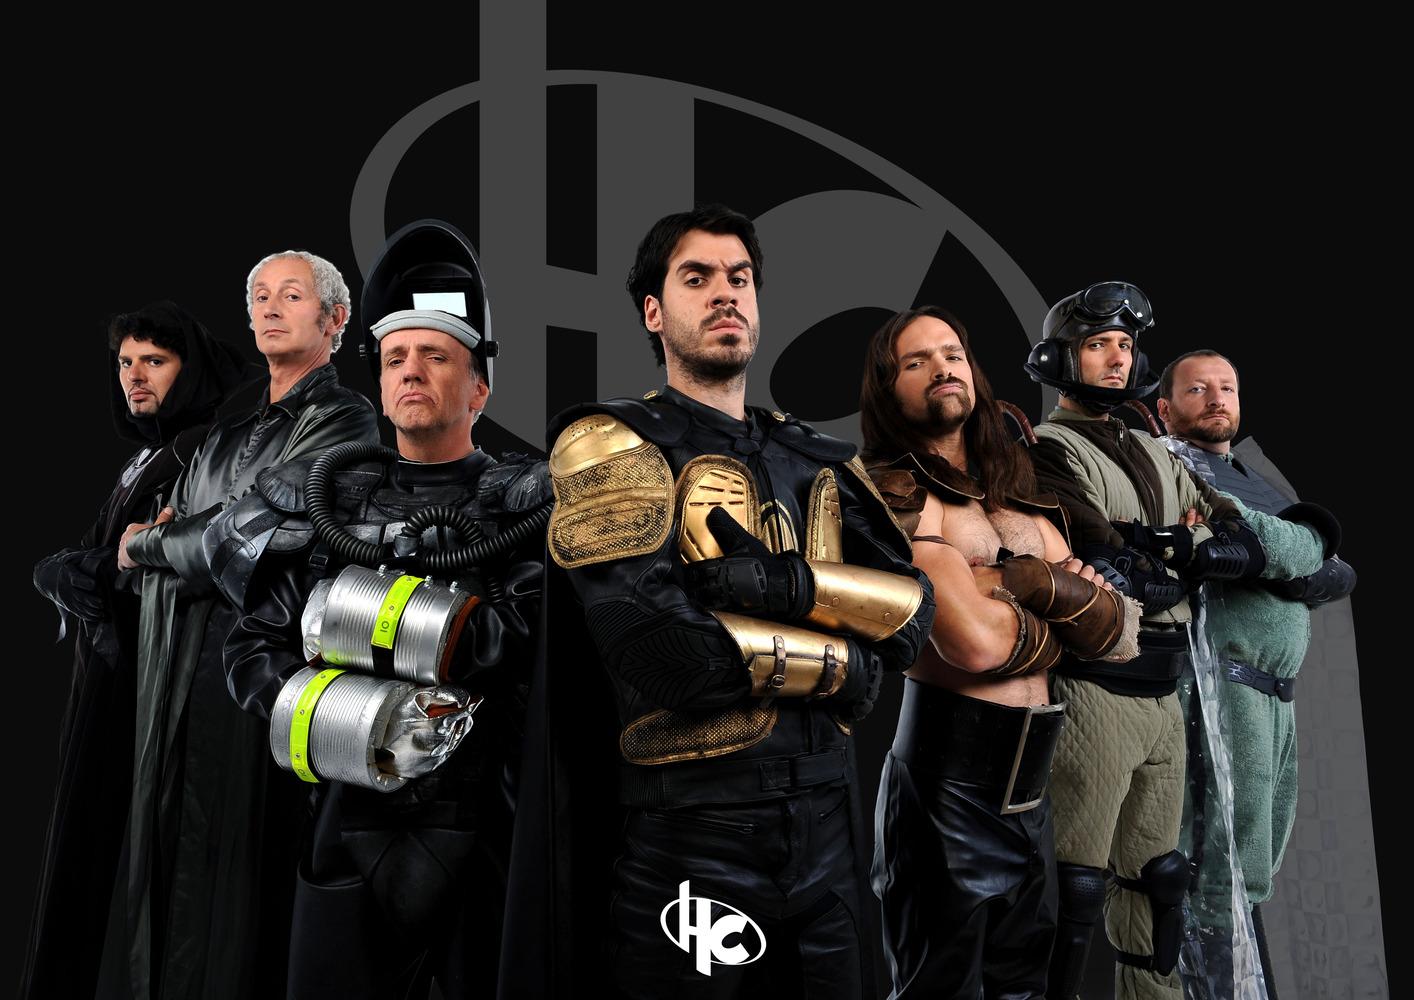 Evènement Dijon : Casting pour Hero Corp saison 3